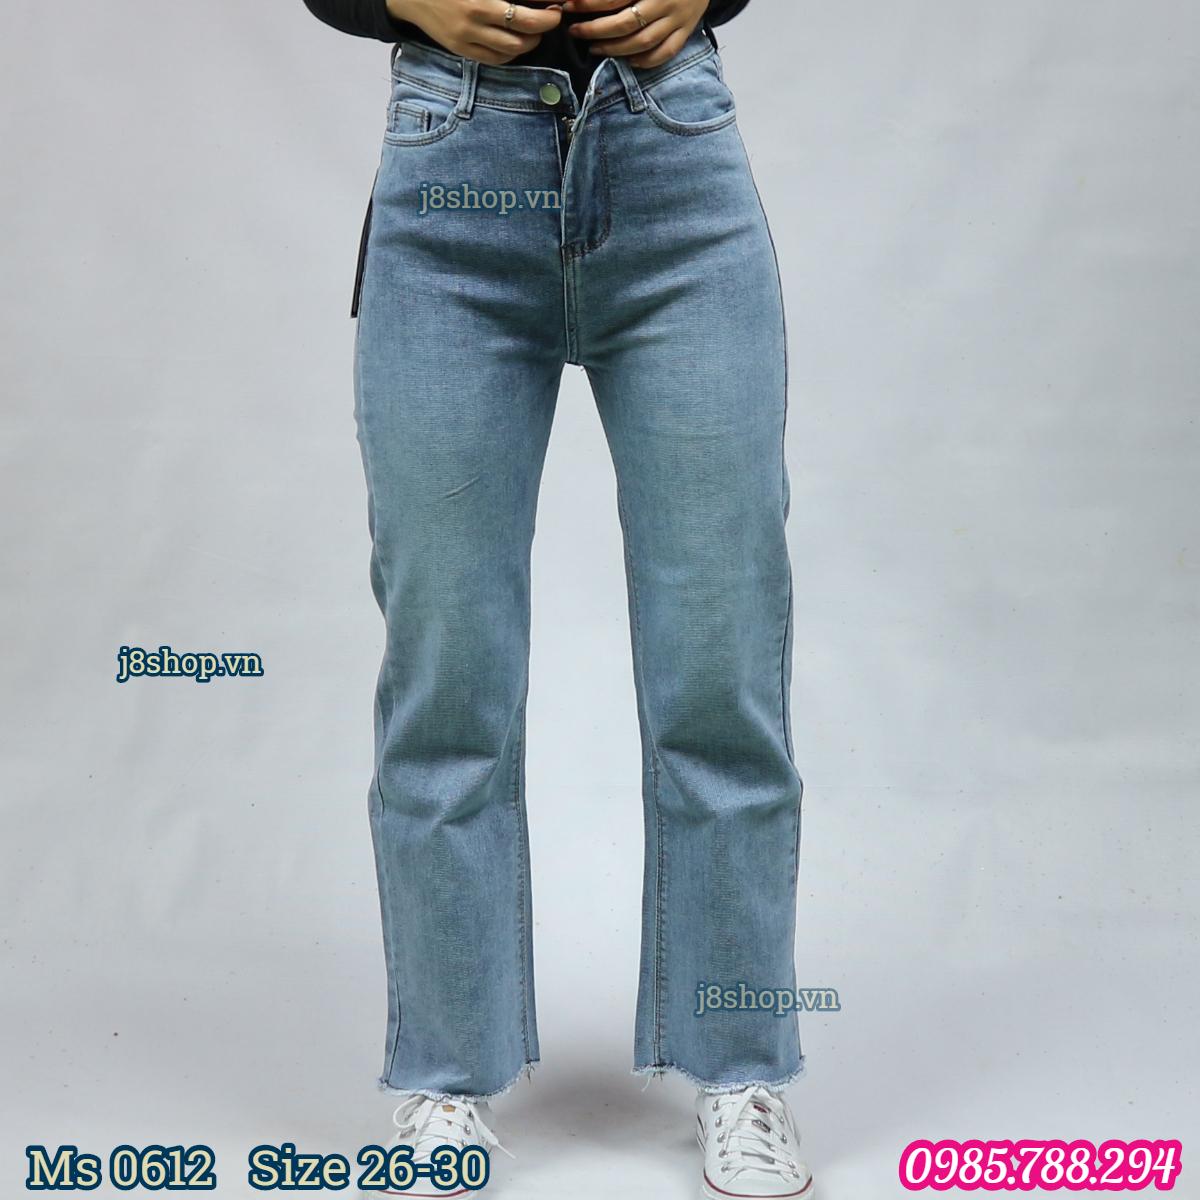 Quần Jean Nữ Ống Suông Lưng Cao Tua Lai Màu Xanh Nhạt Size 26 30 Ms 0612